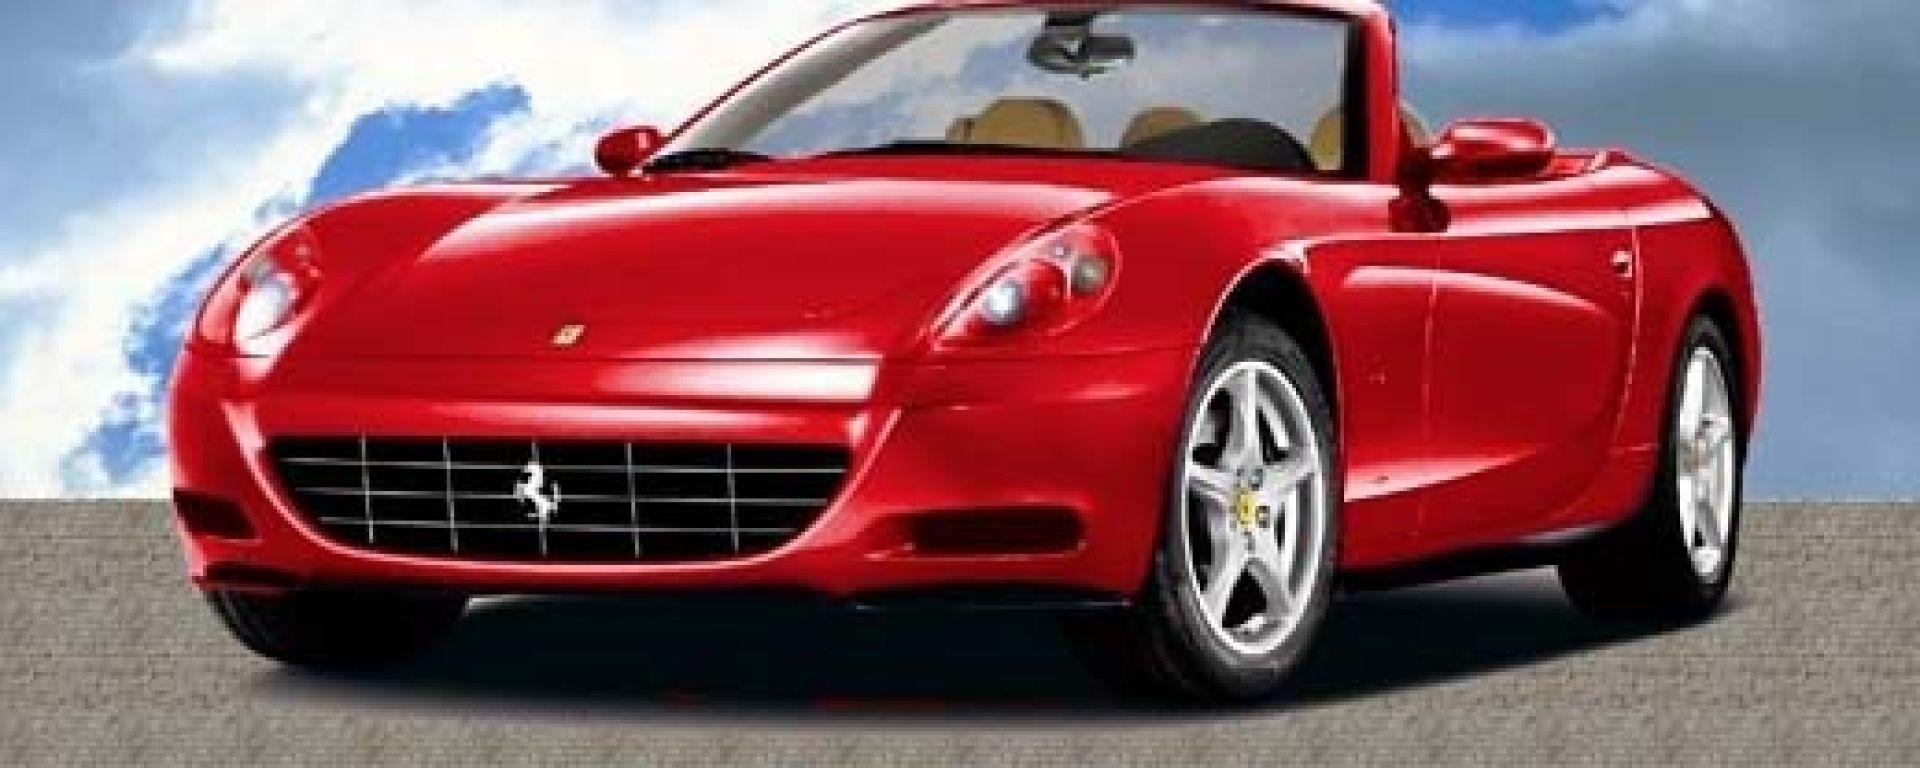 E' la nuova Ferrari 612 Scaglietti Cabrio?